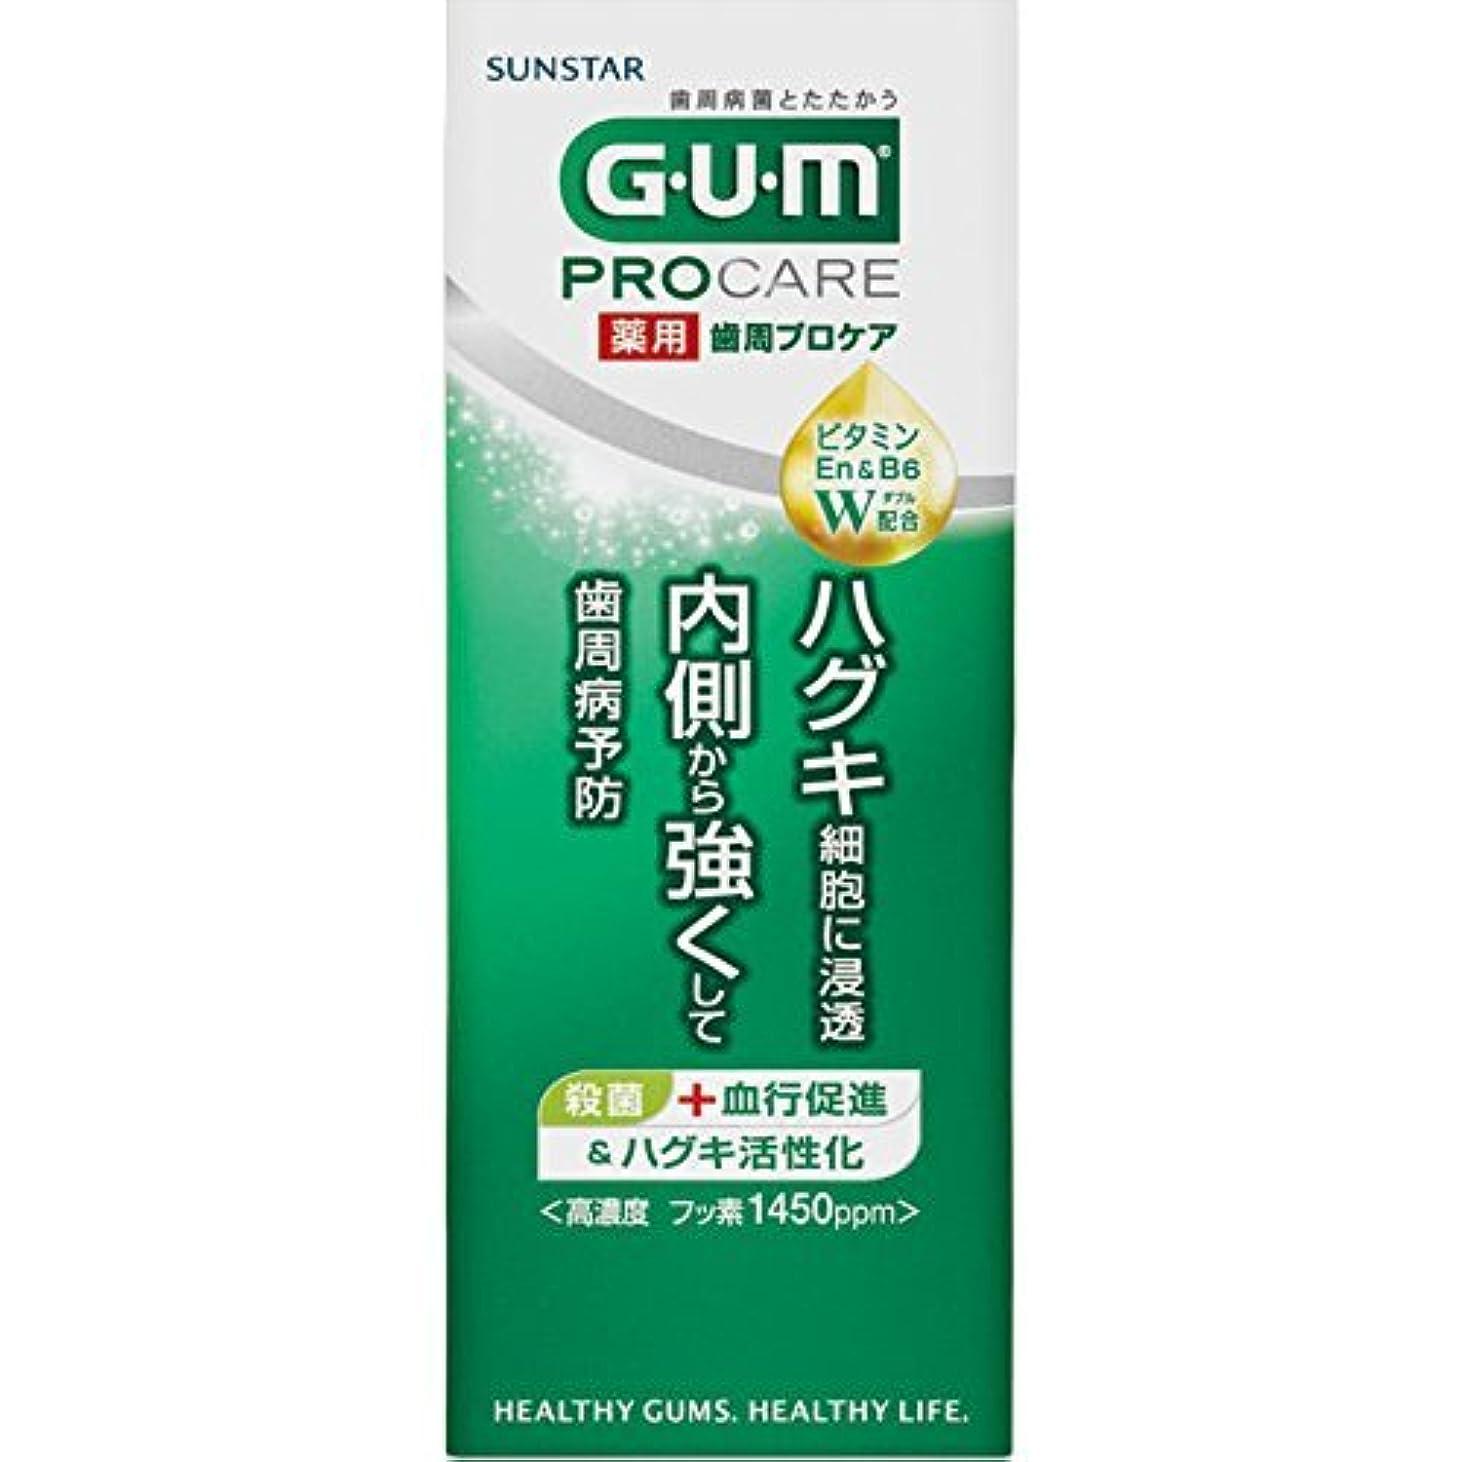 崖お手伝いさん前方へ[医薬部外品] GUM(ガム) 歯周プロケア 歯みがき 50g <歯周病予防 ハグキケア 高濃度フッ素配合1,450ppm>